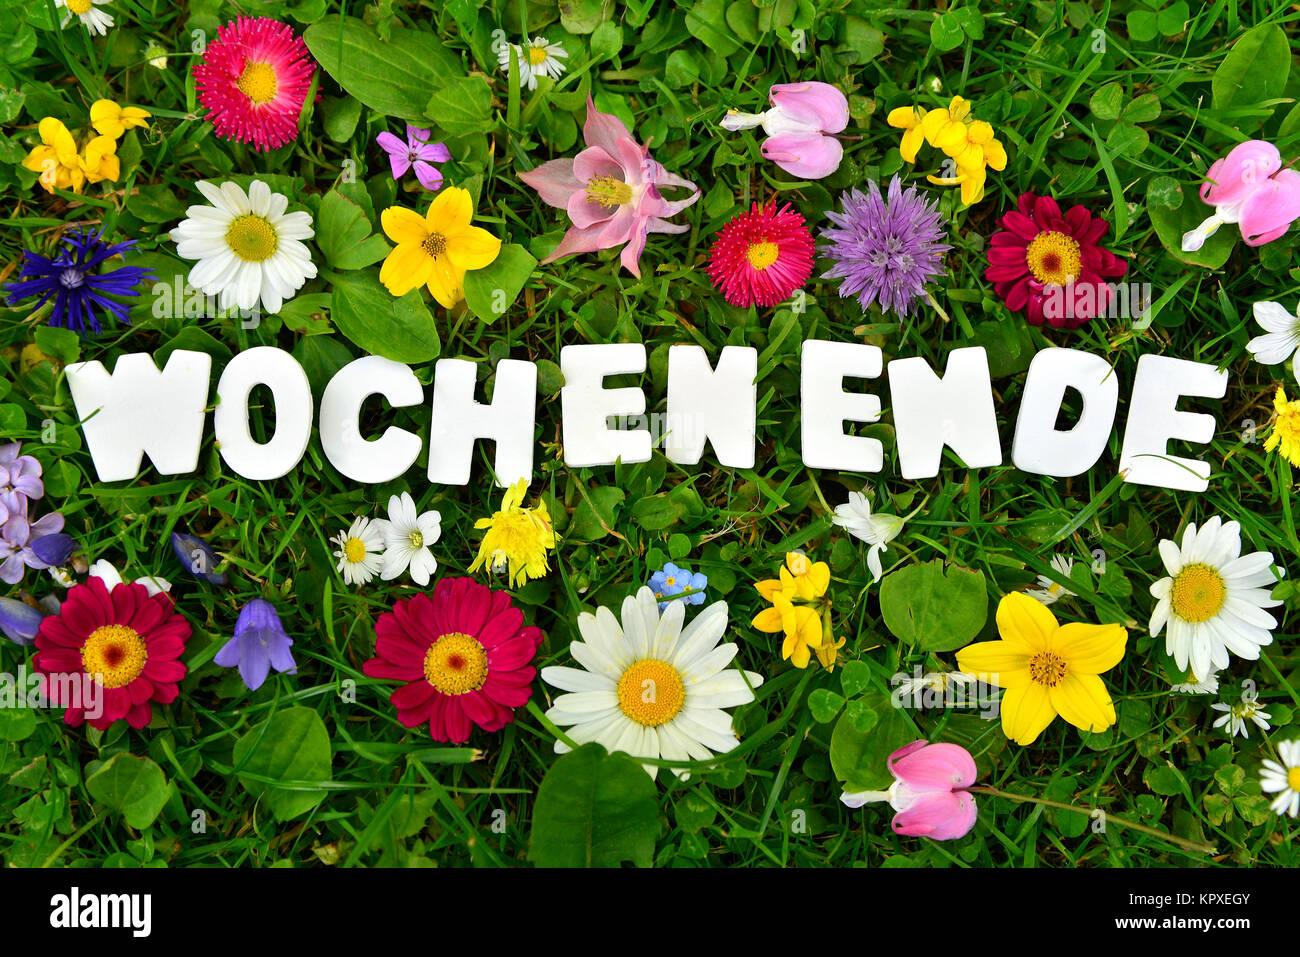 Schönes Wochenende Text Auf Blumenwiese Stockfoto Bild